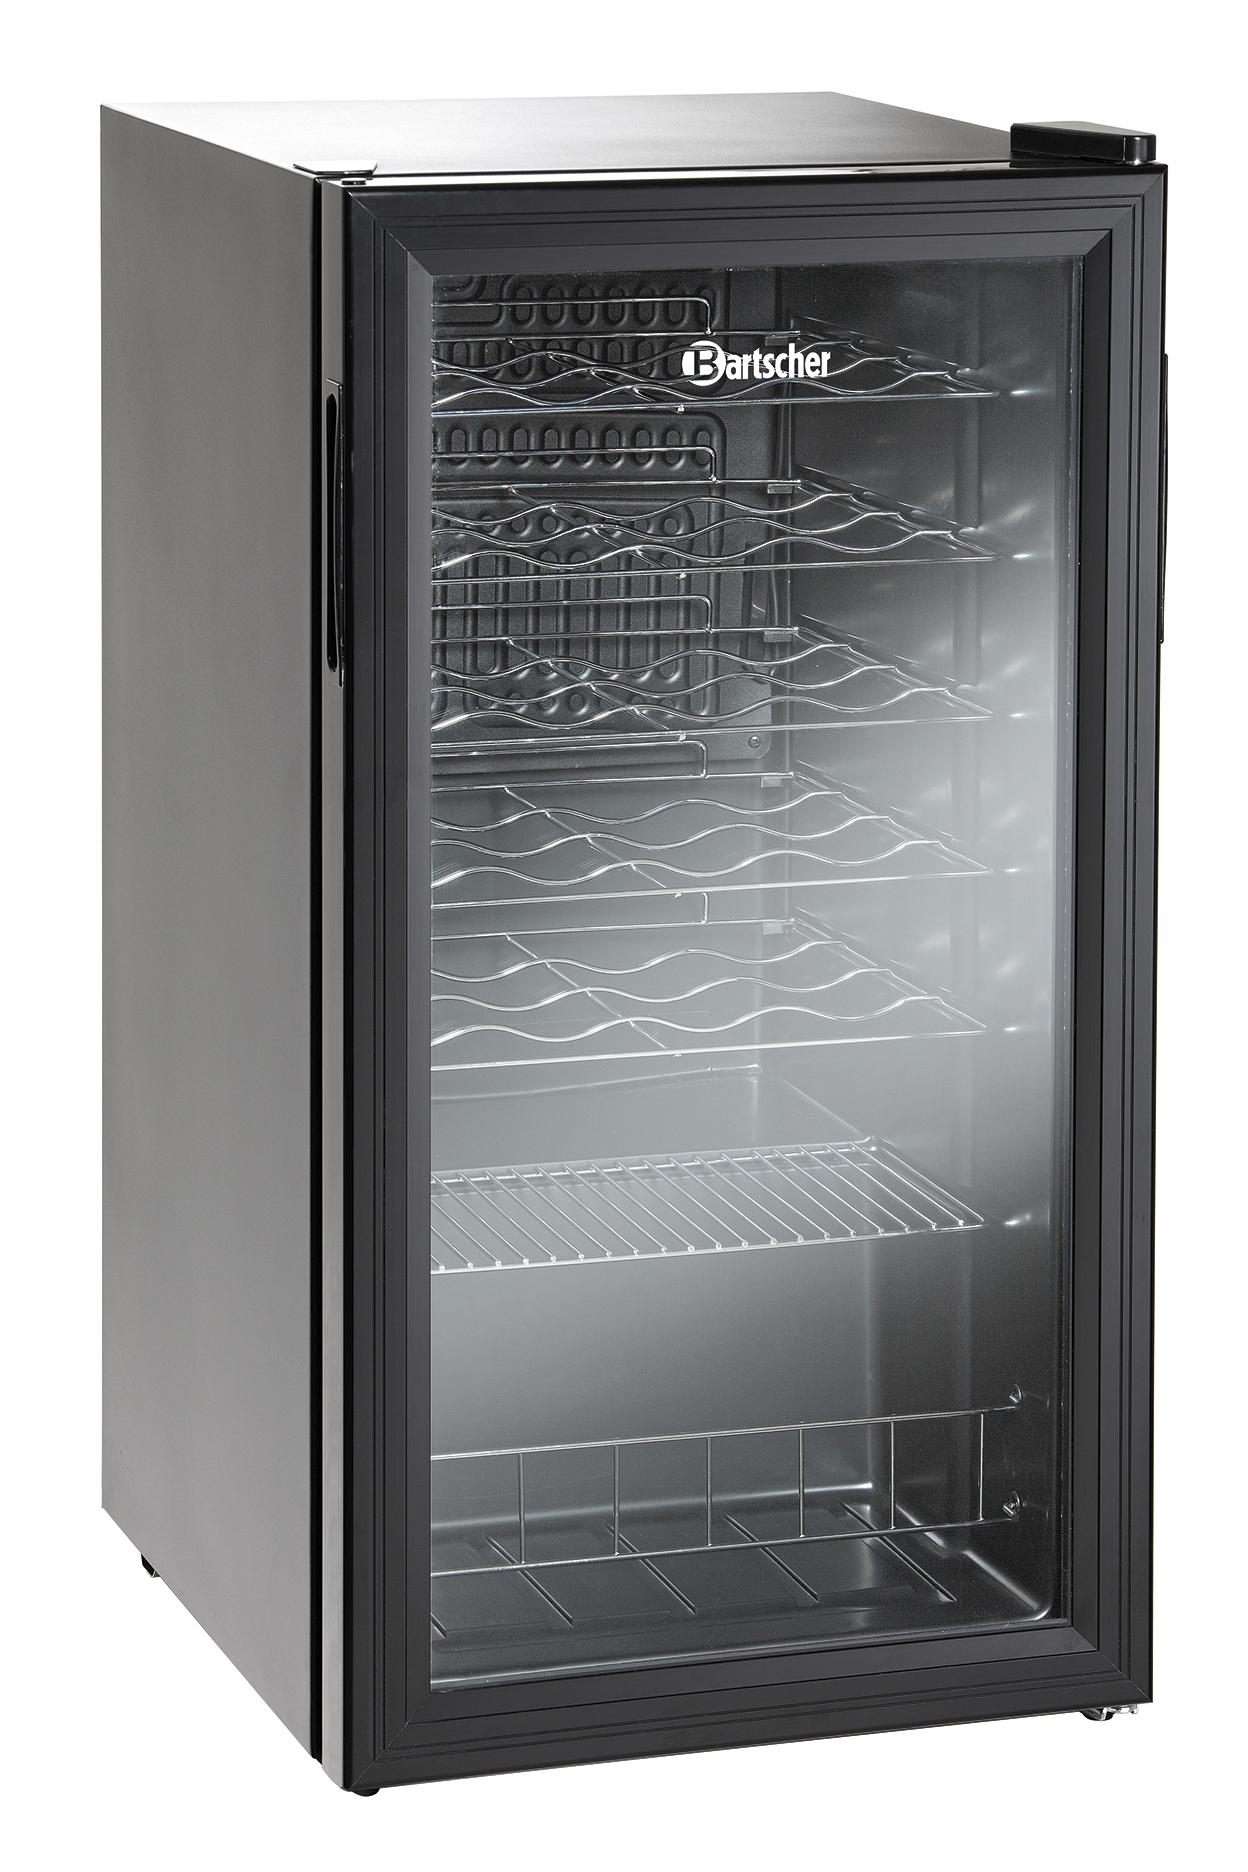 Bartscher Flessenkoelkast 28FL - Glasdeur - 88 liter - Zwart